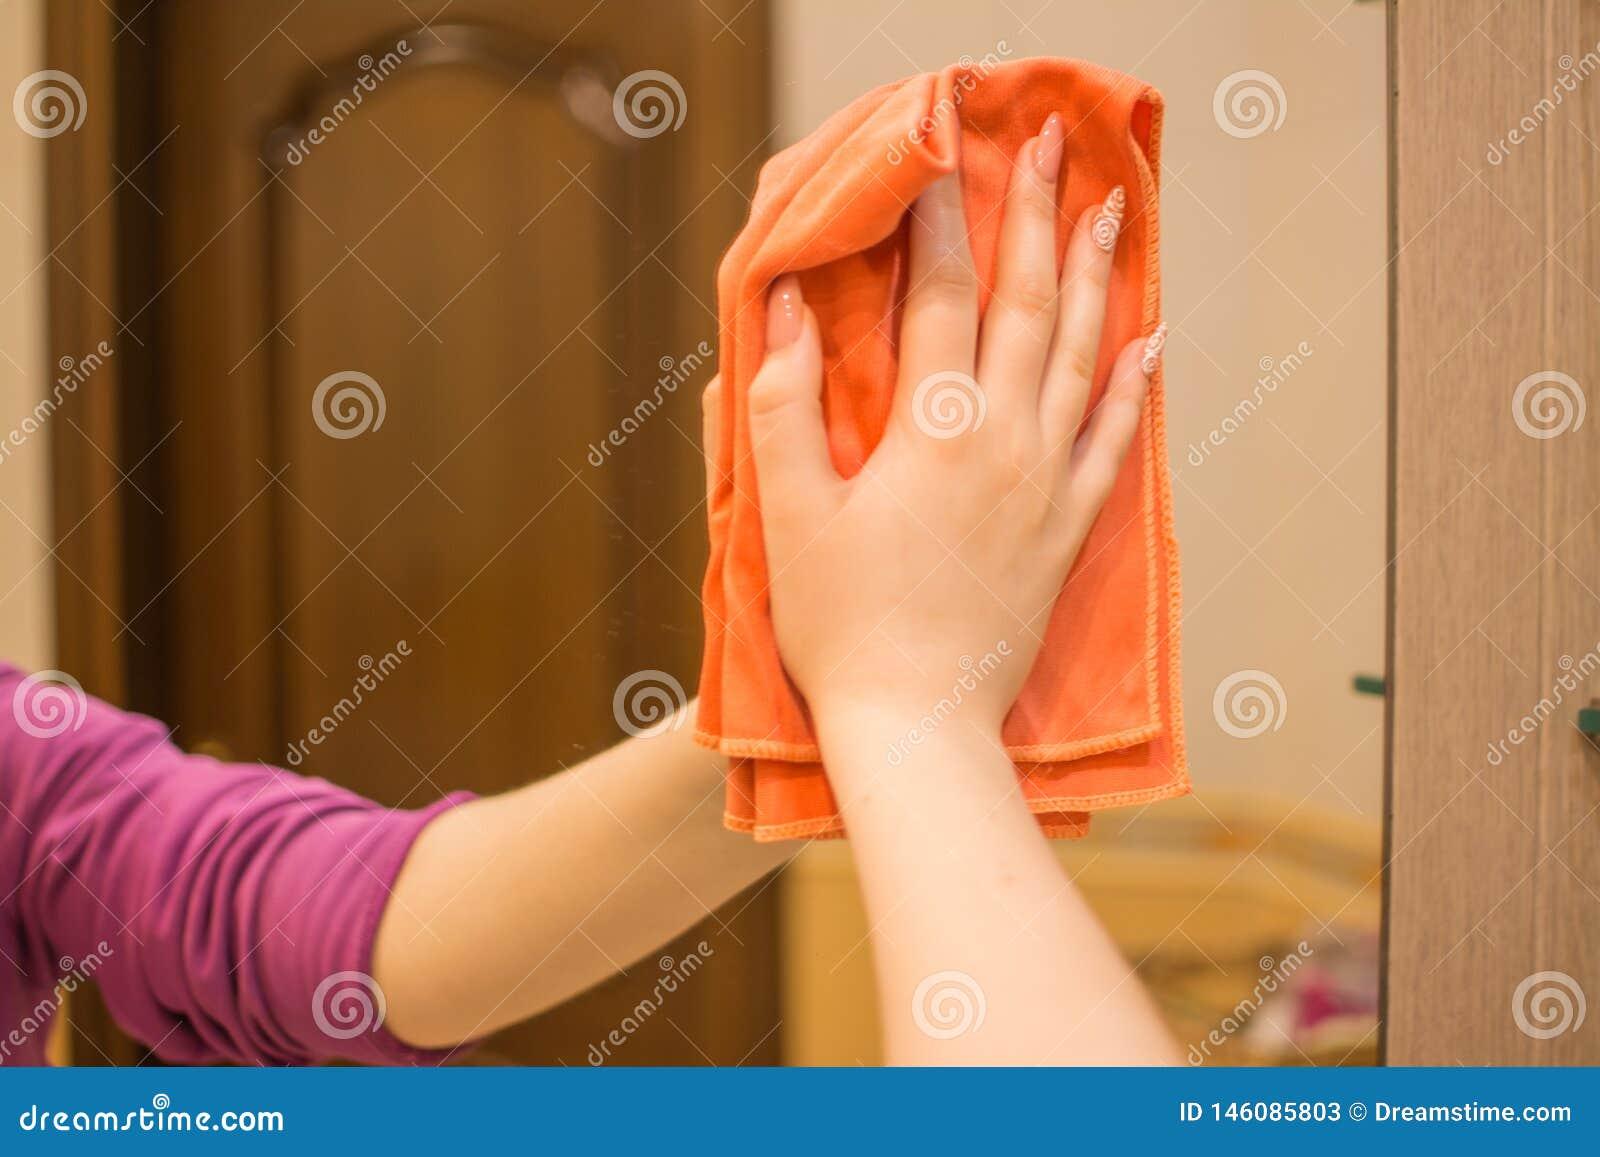 Une femme lave un miroir avec du chiffon spécial